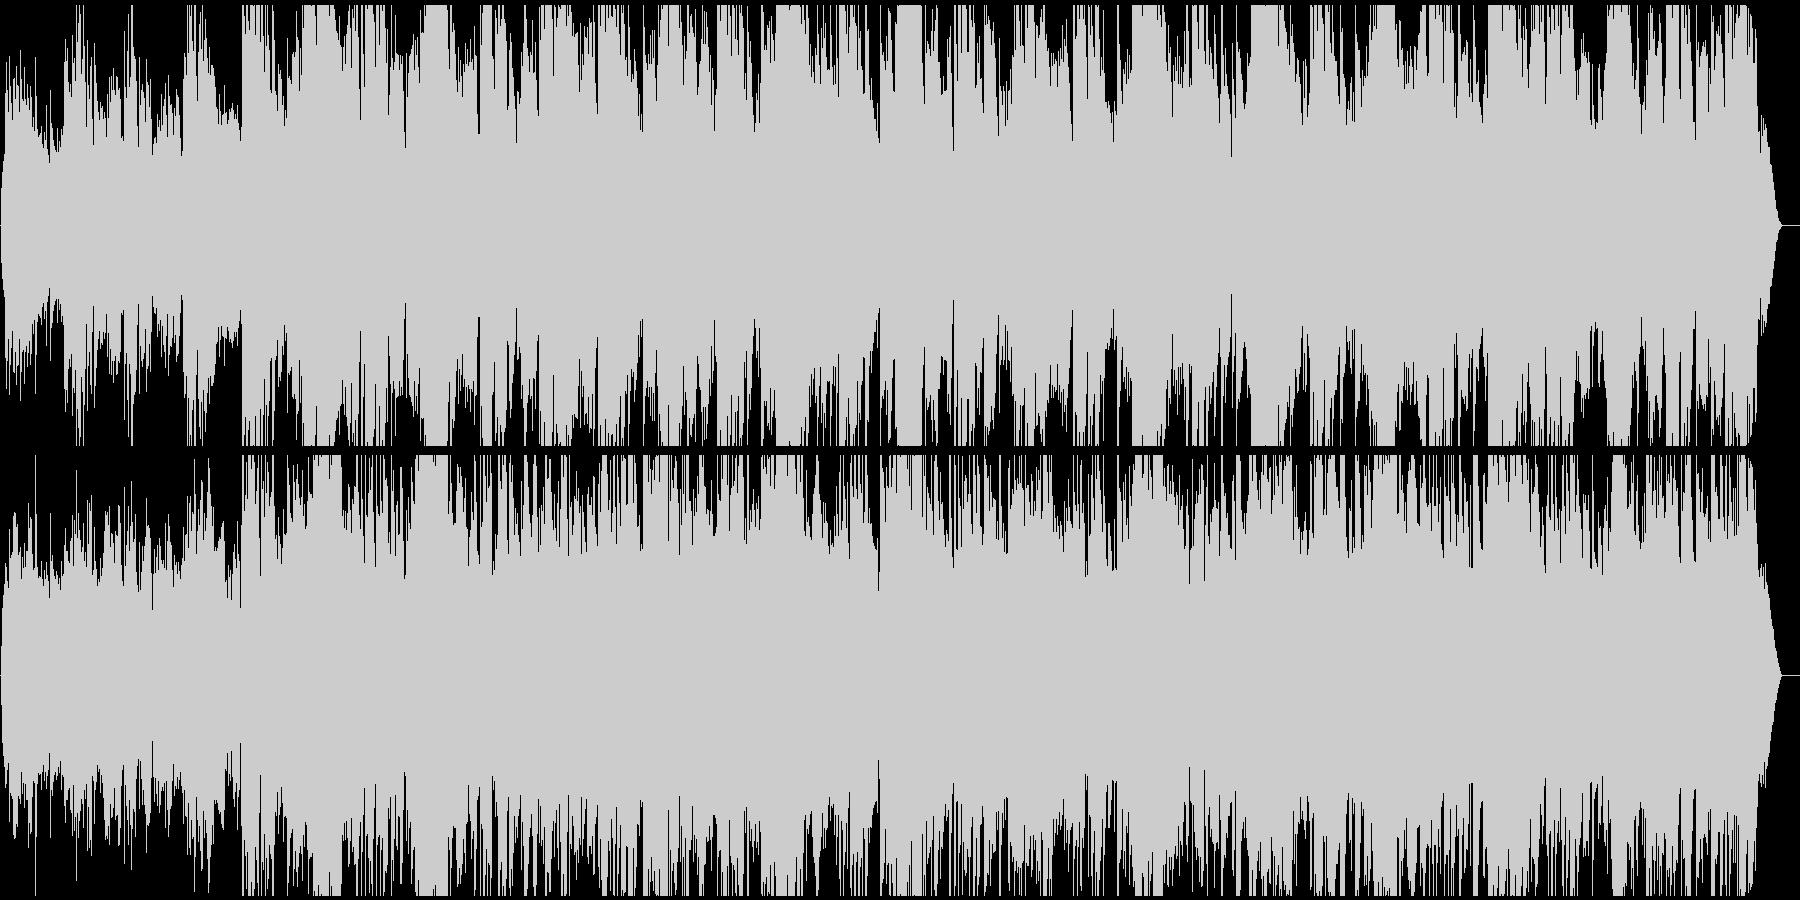 シリアスな雰囲気のピアノメロディーの未再生の波形